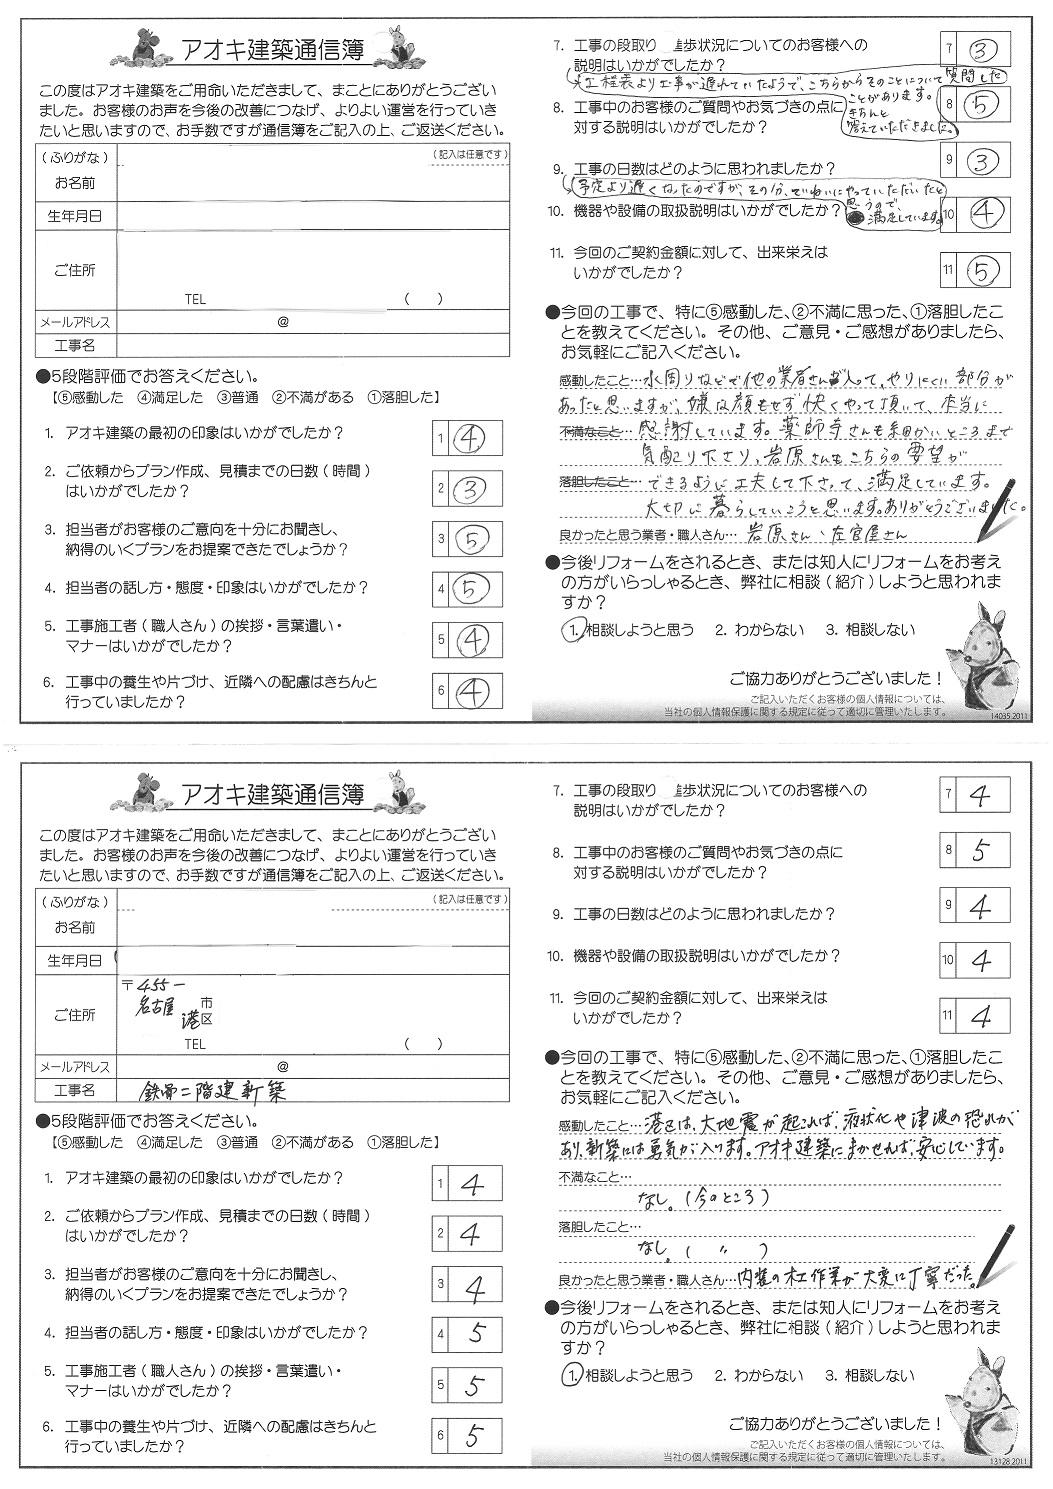 HPブログ用お客様アンケート